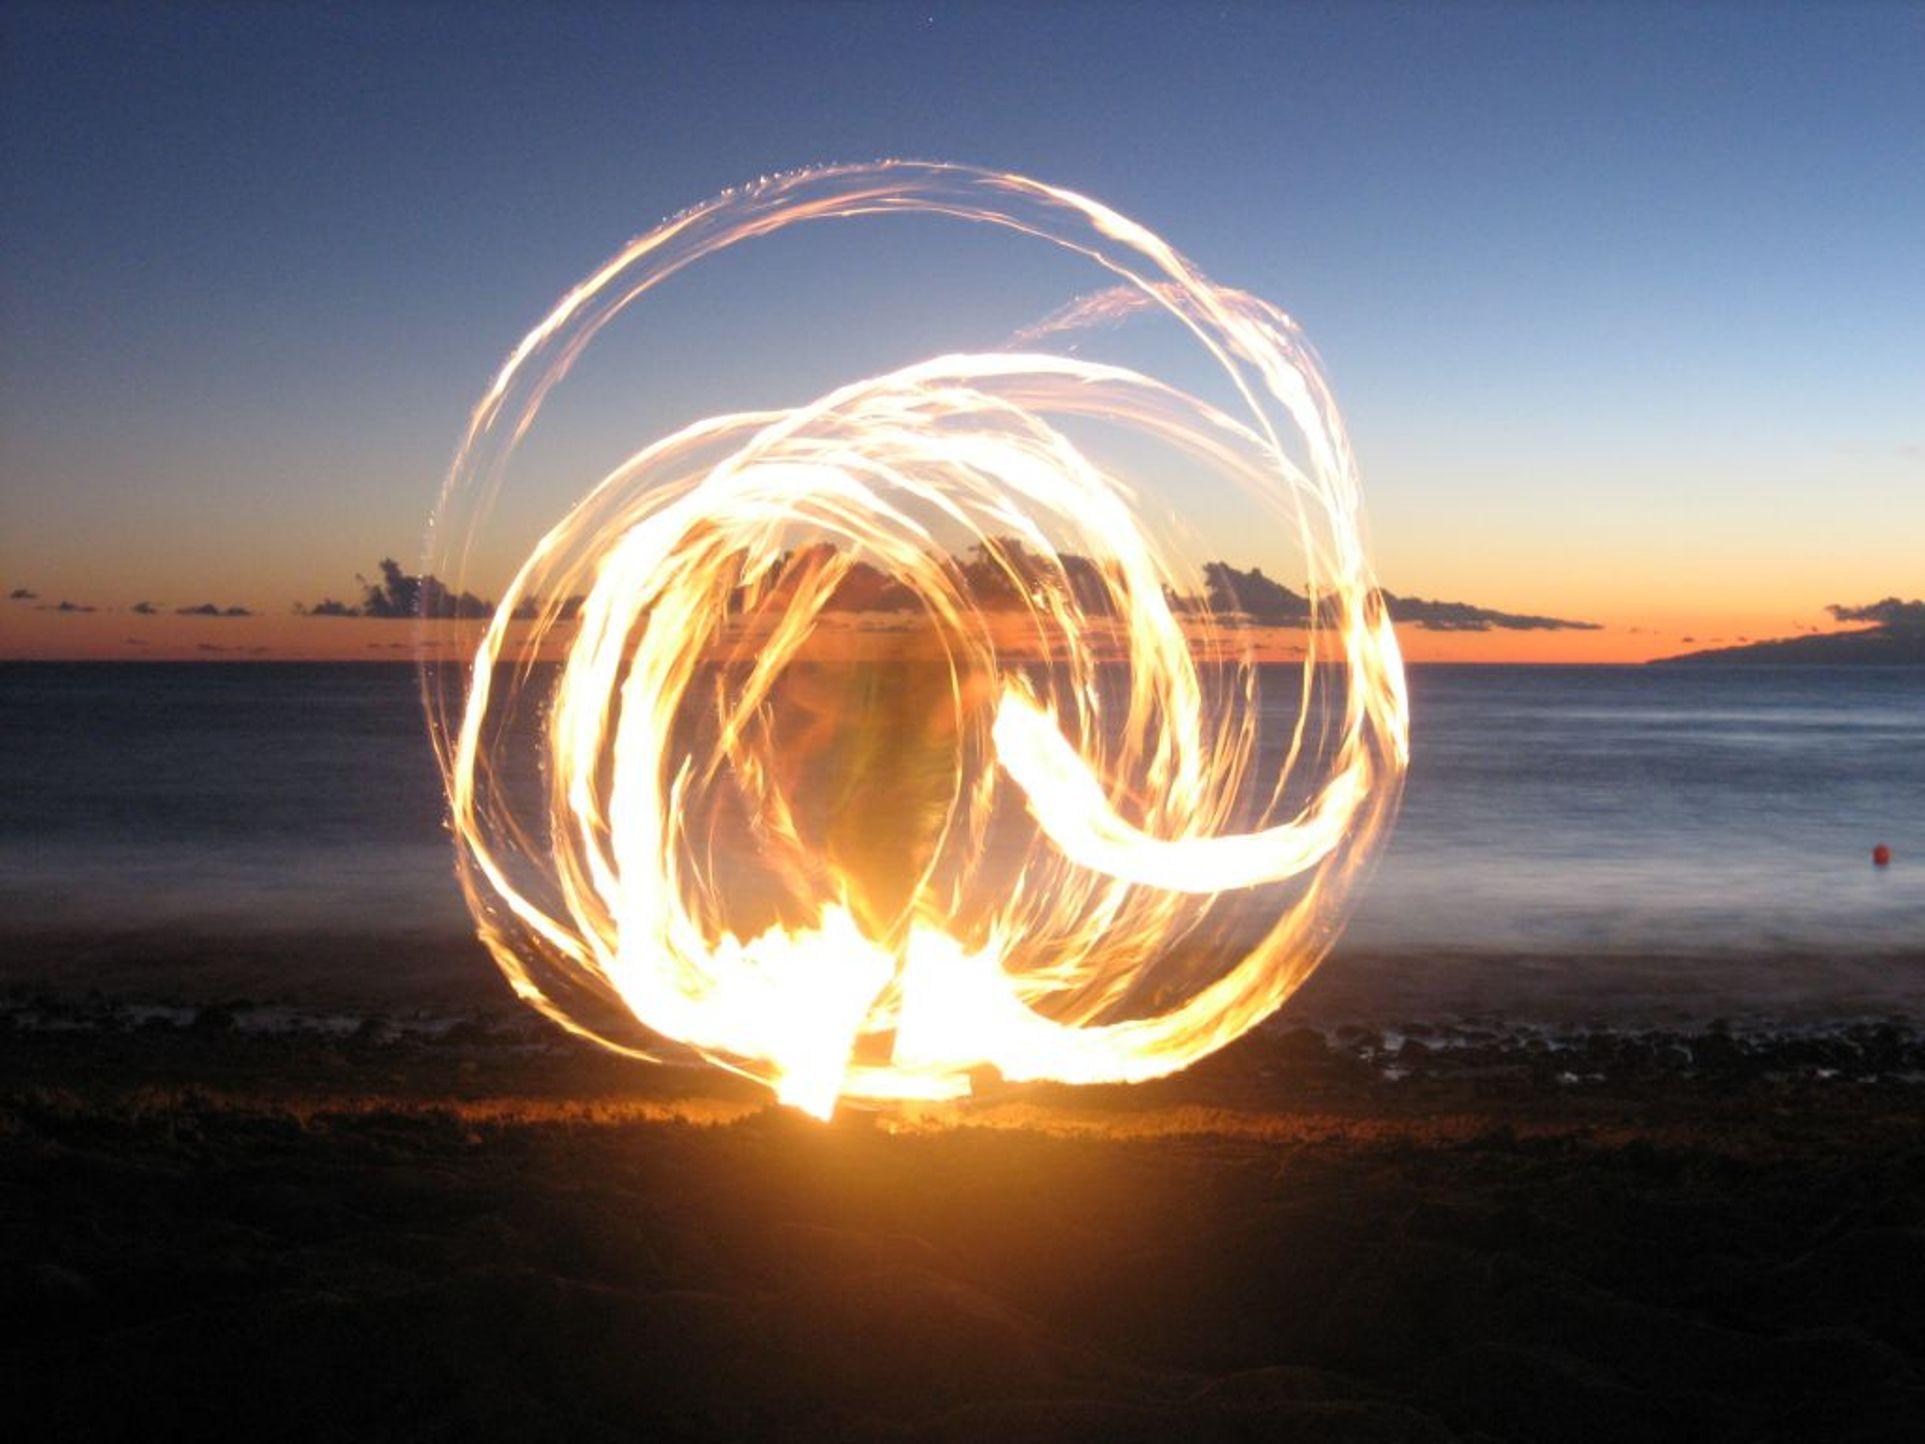 Ildrituale ved solnedgang (Klikk for større bilde!)